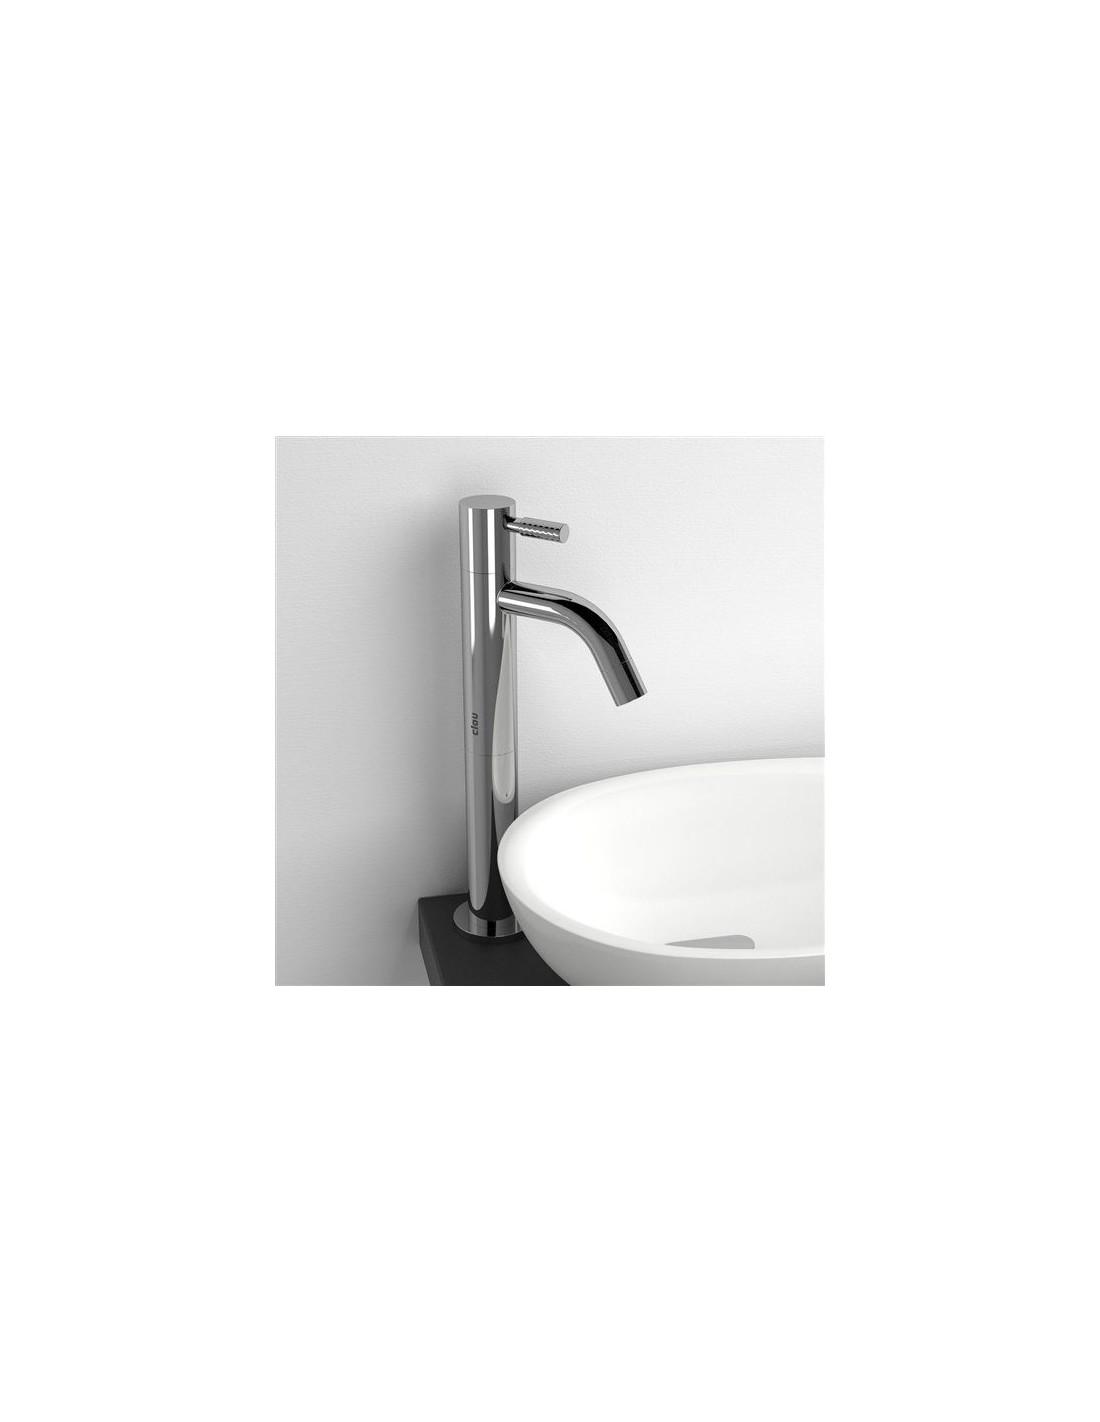 rallonge pour robinet eau froide freddo 2 pour la marque clou. Black Bedroom Furniture Sets. Home Design Ideas